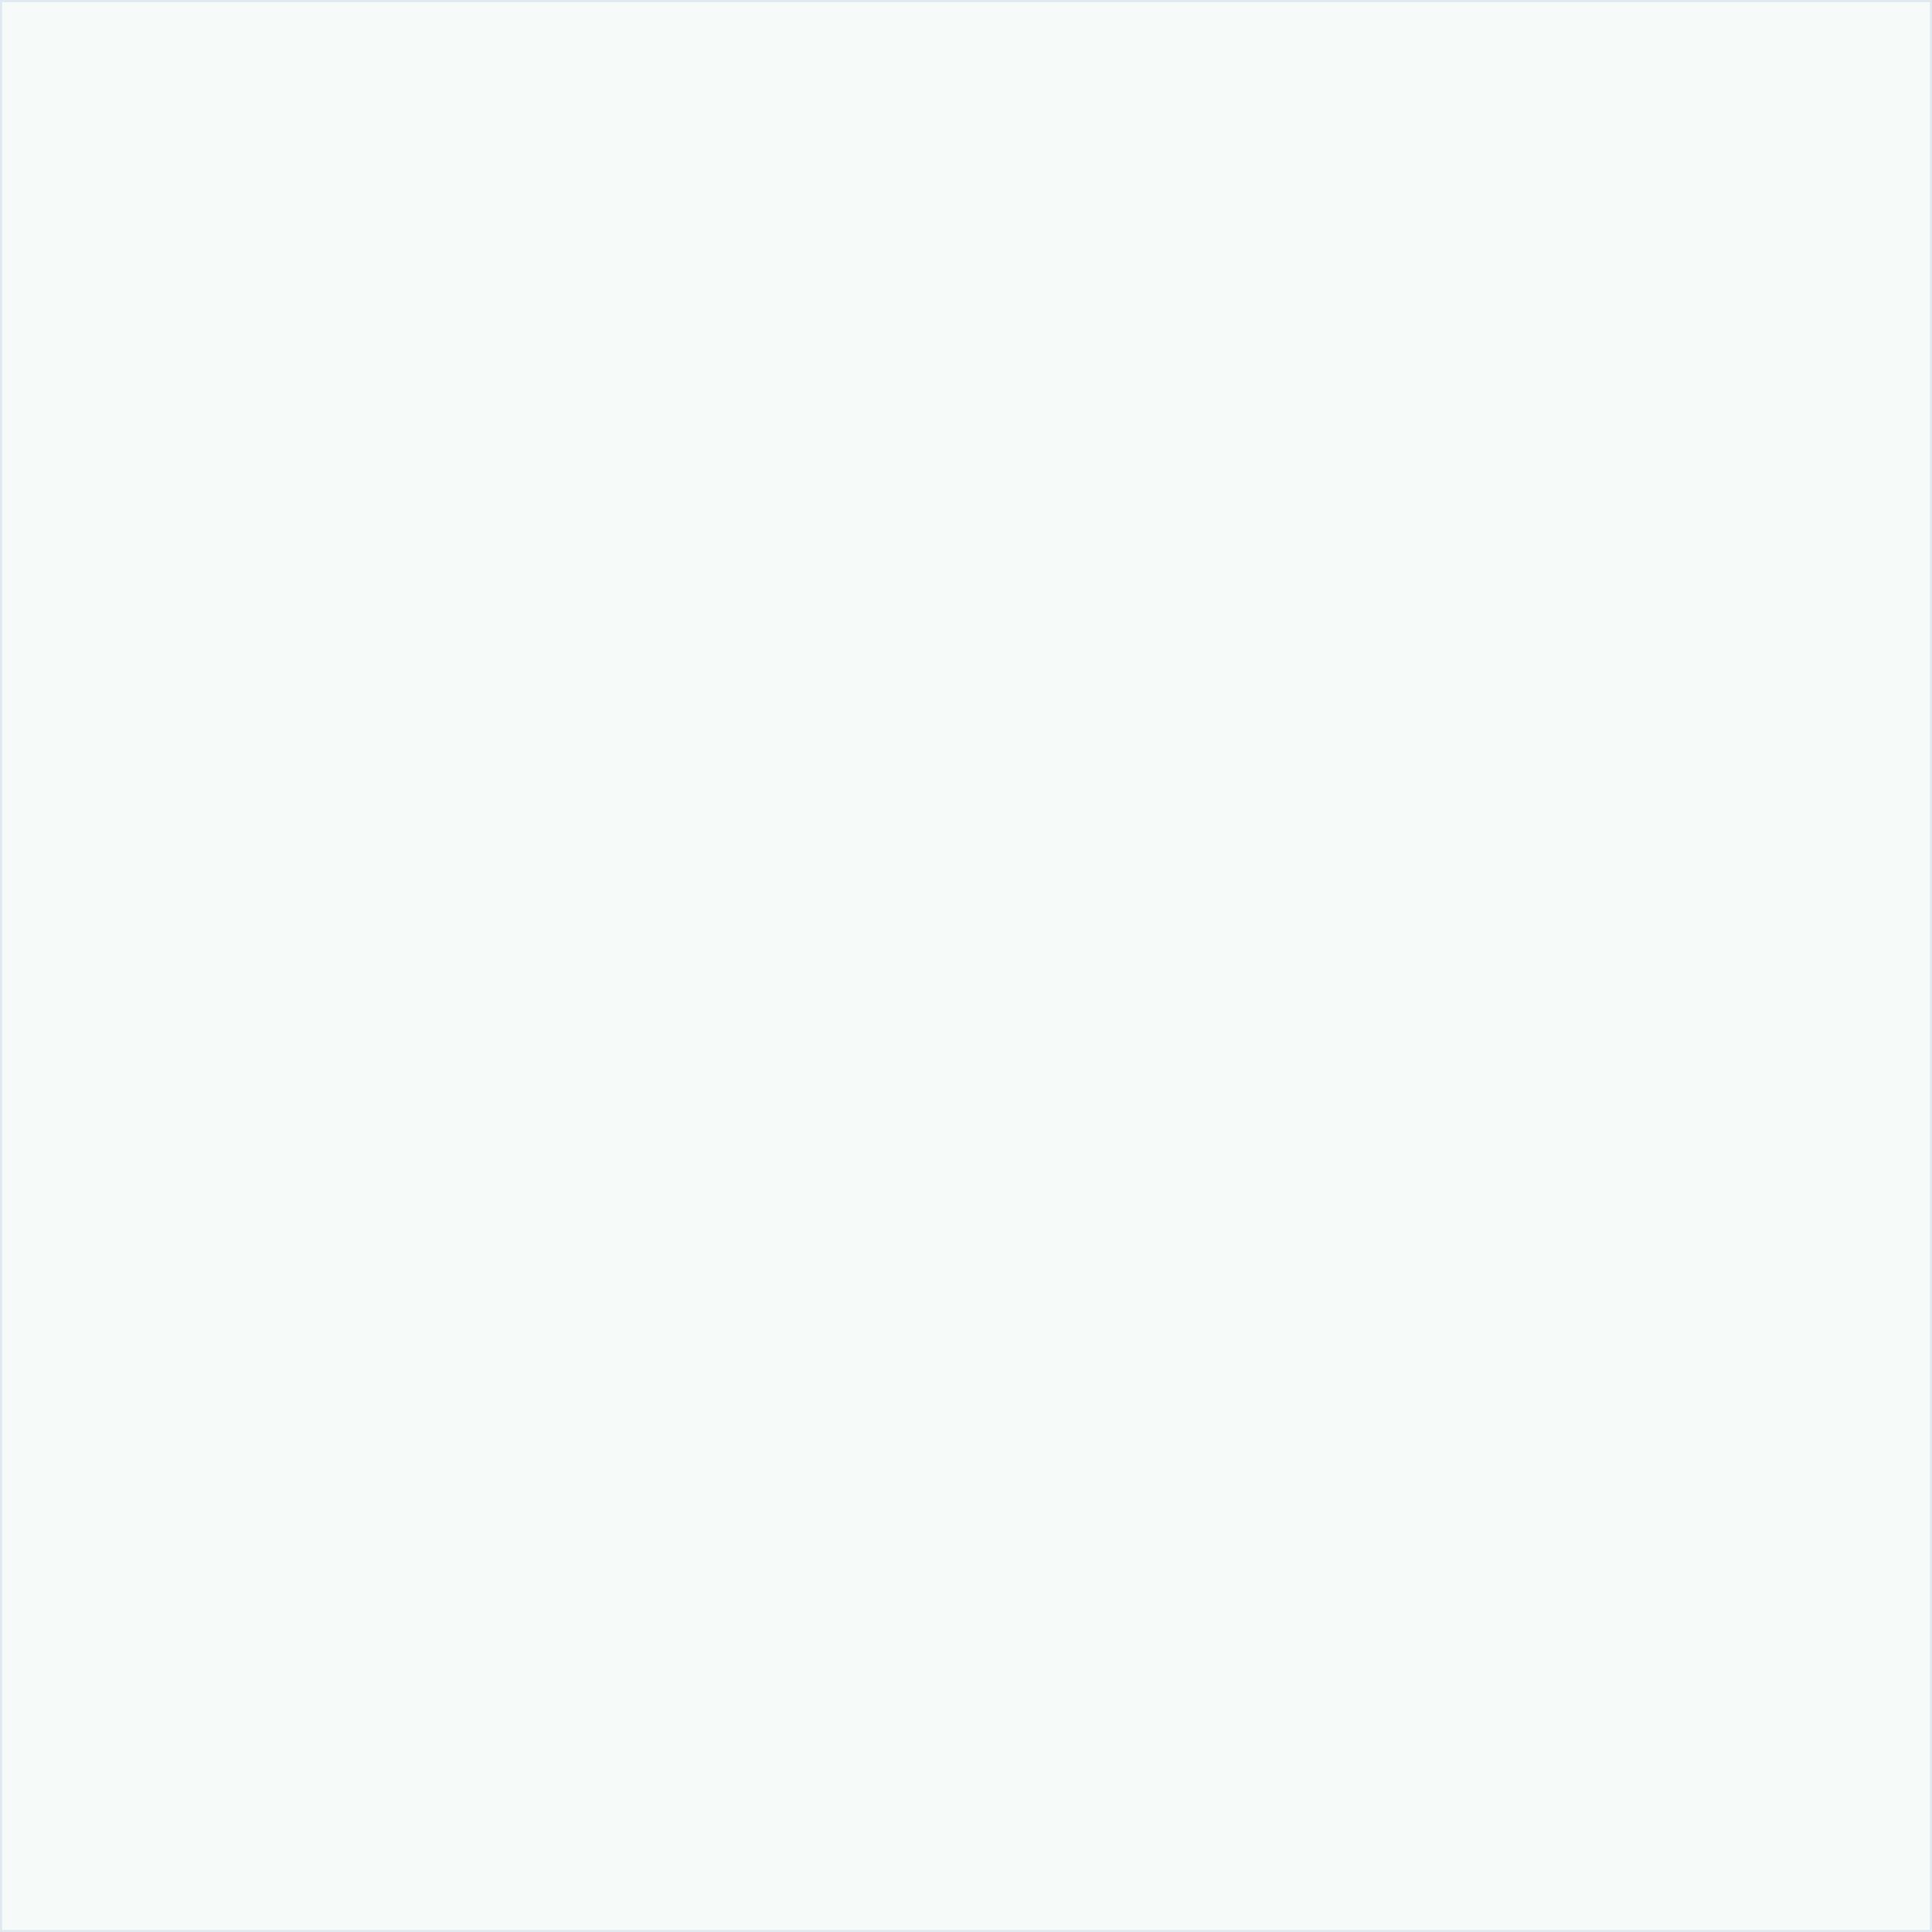 094A White Glow